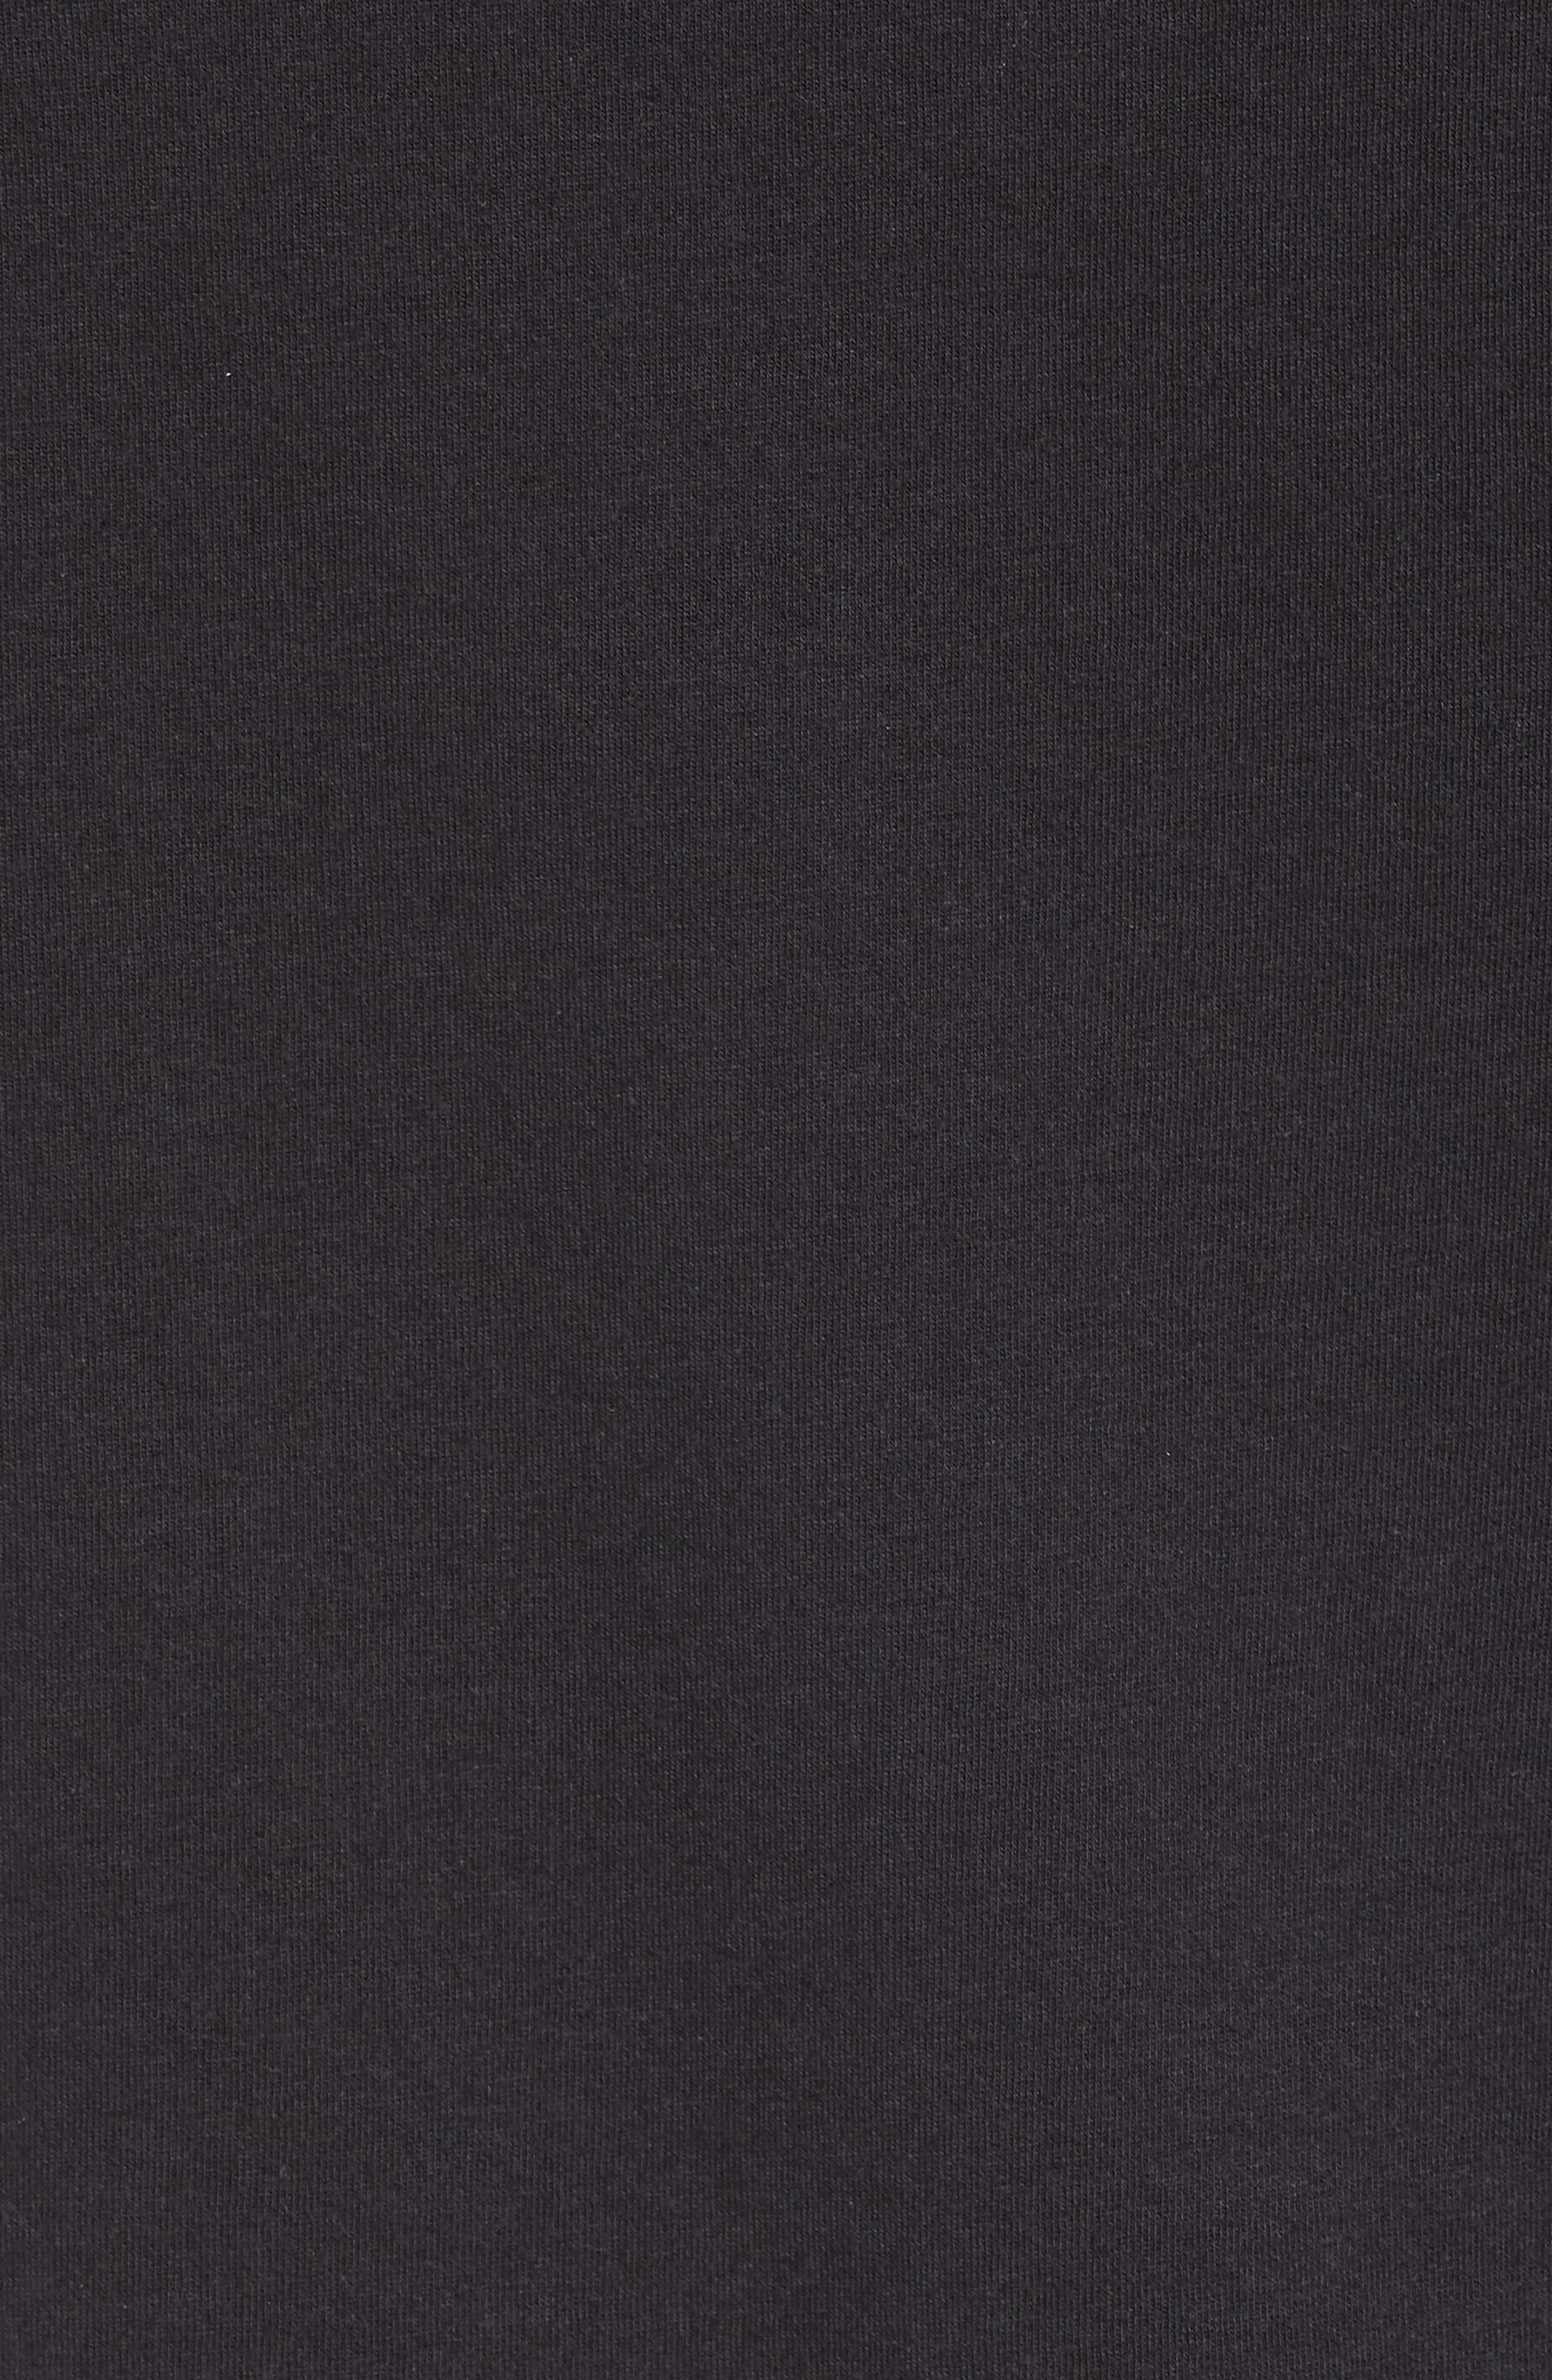 Cotton Blend Hoodie,                             Alternate thumbnail 5, color,                             001